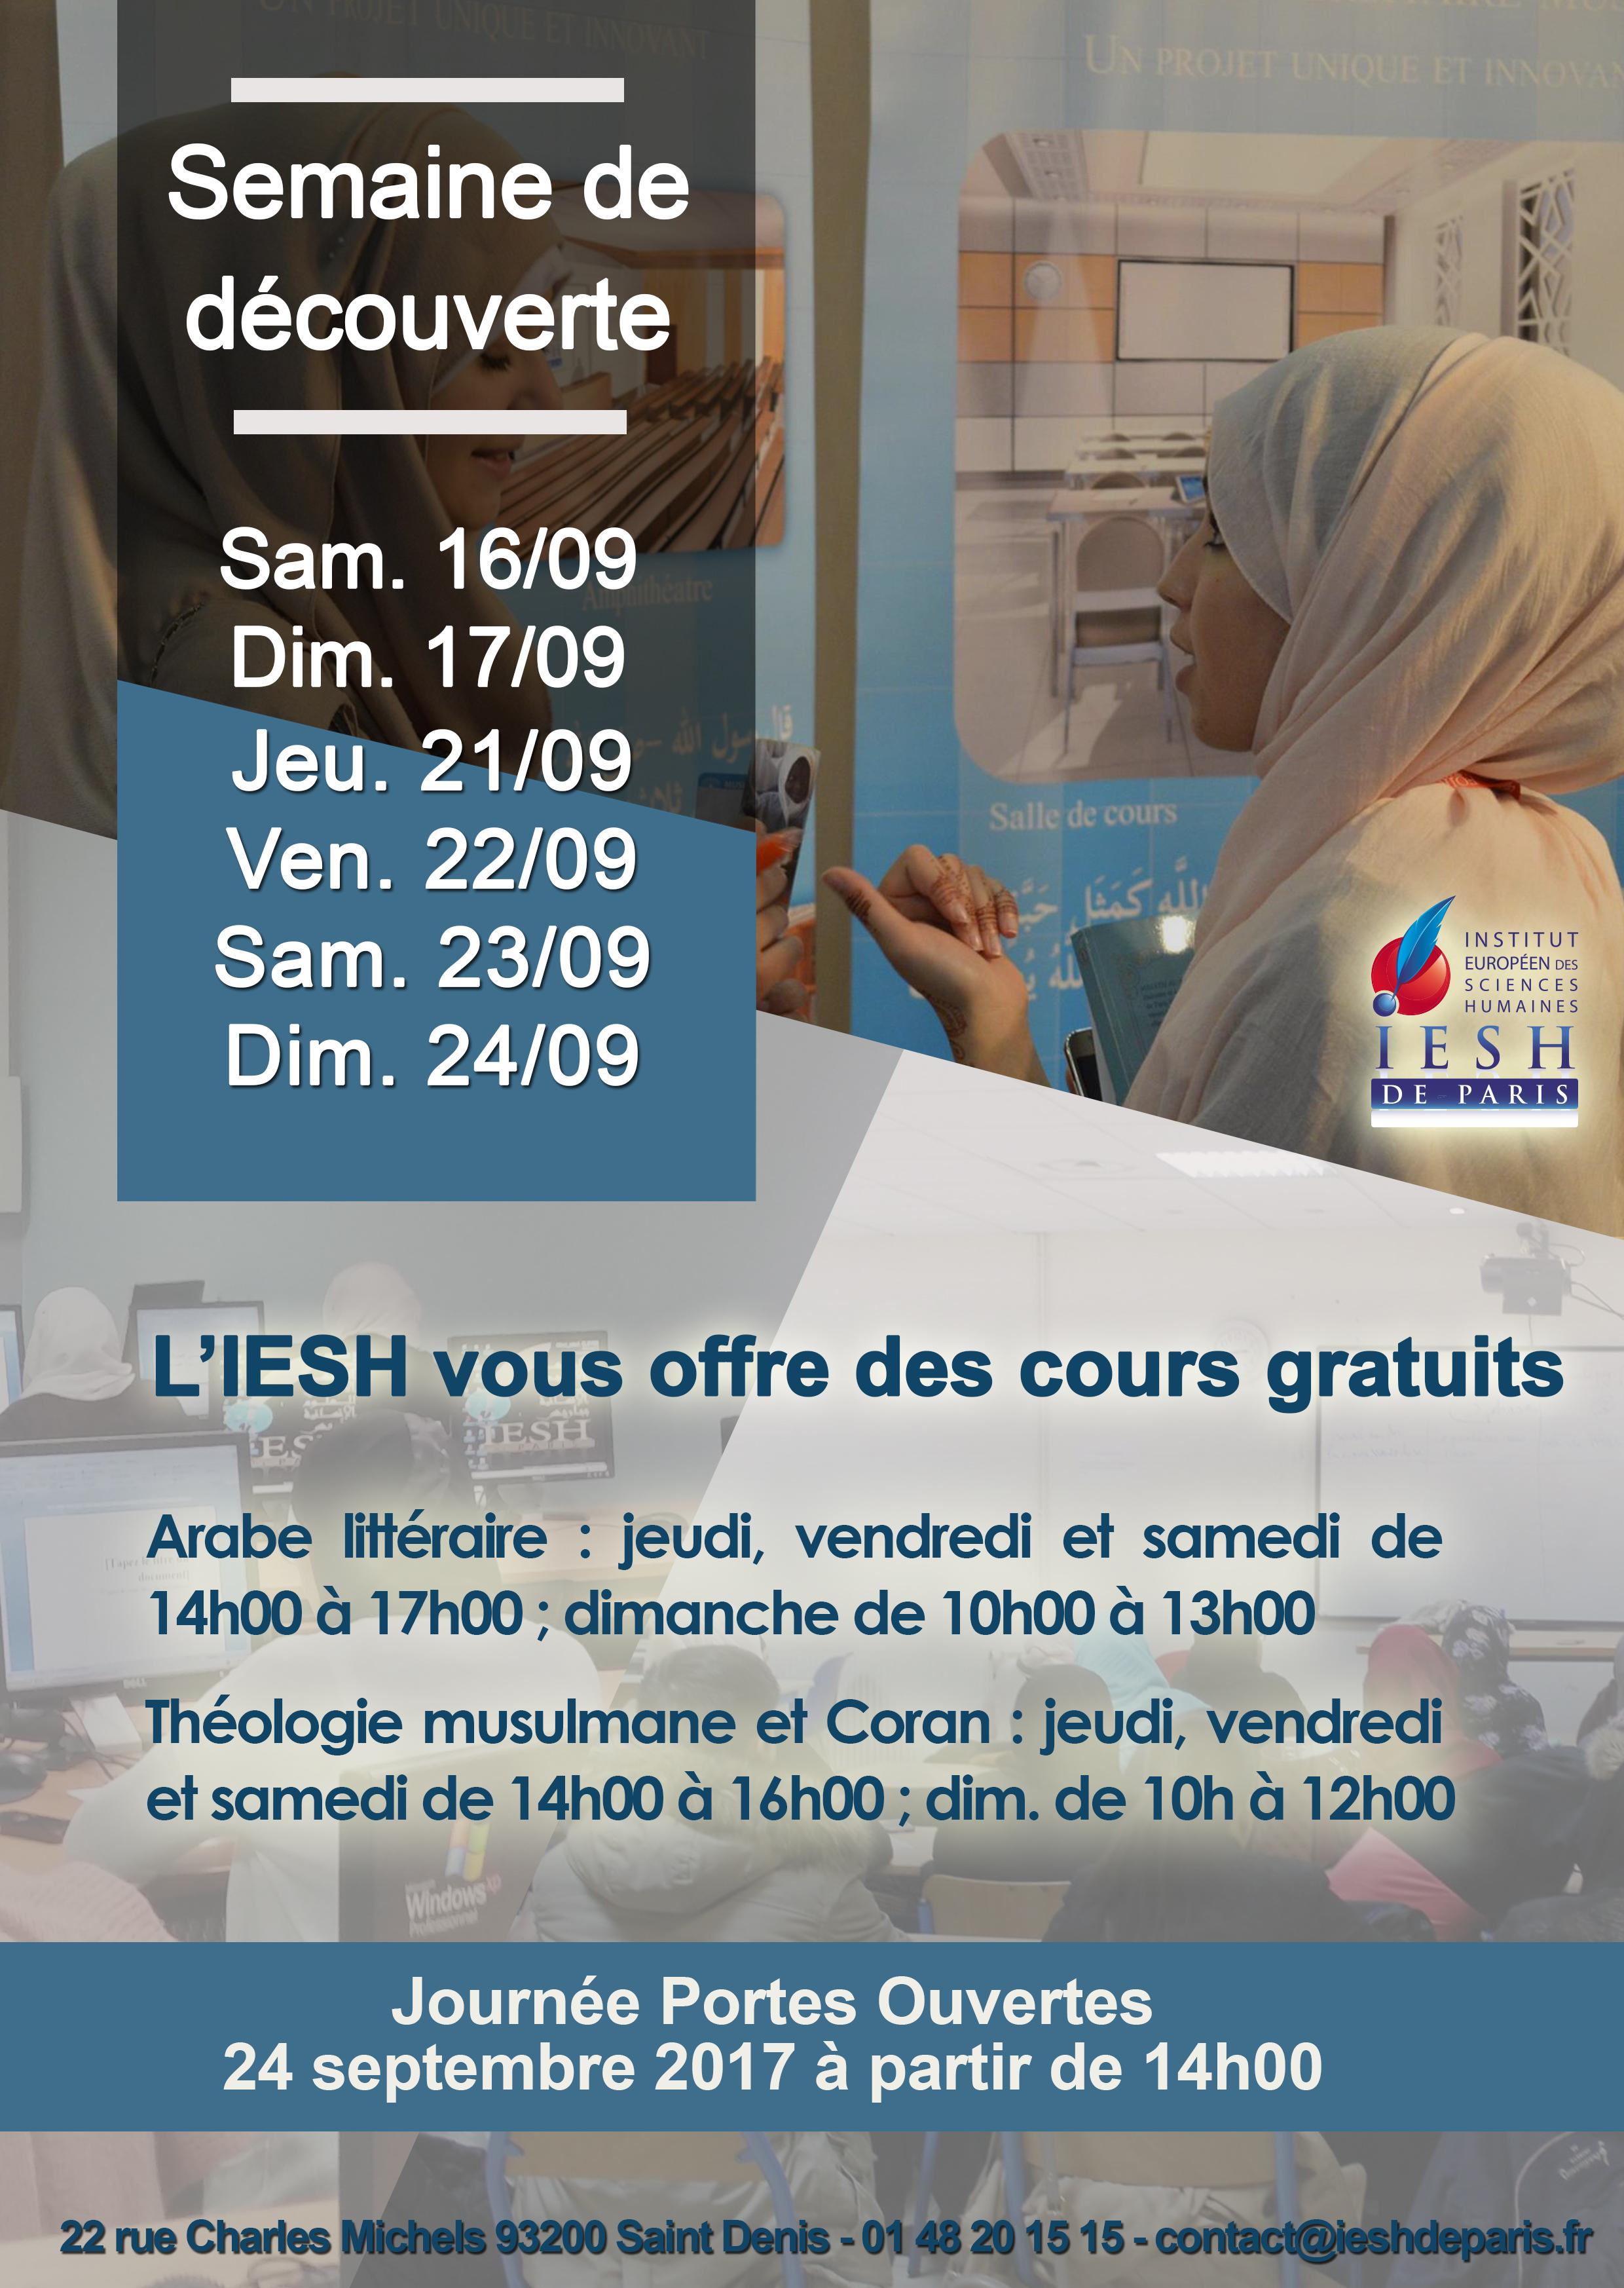 http://www.saphirnews.com/agenda/IESH-de-Paris-semaine-de-decouverte_ae521378.html